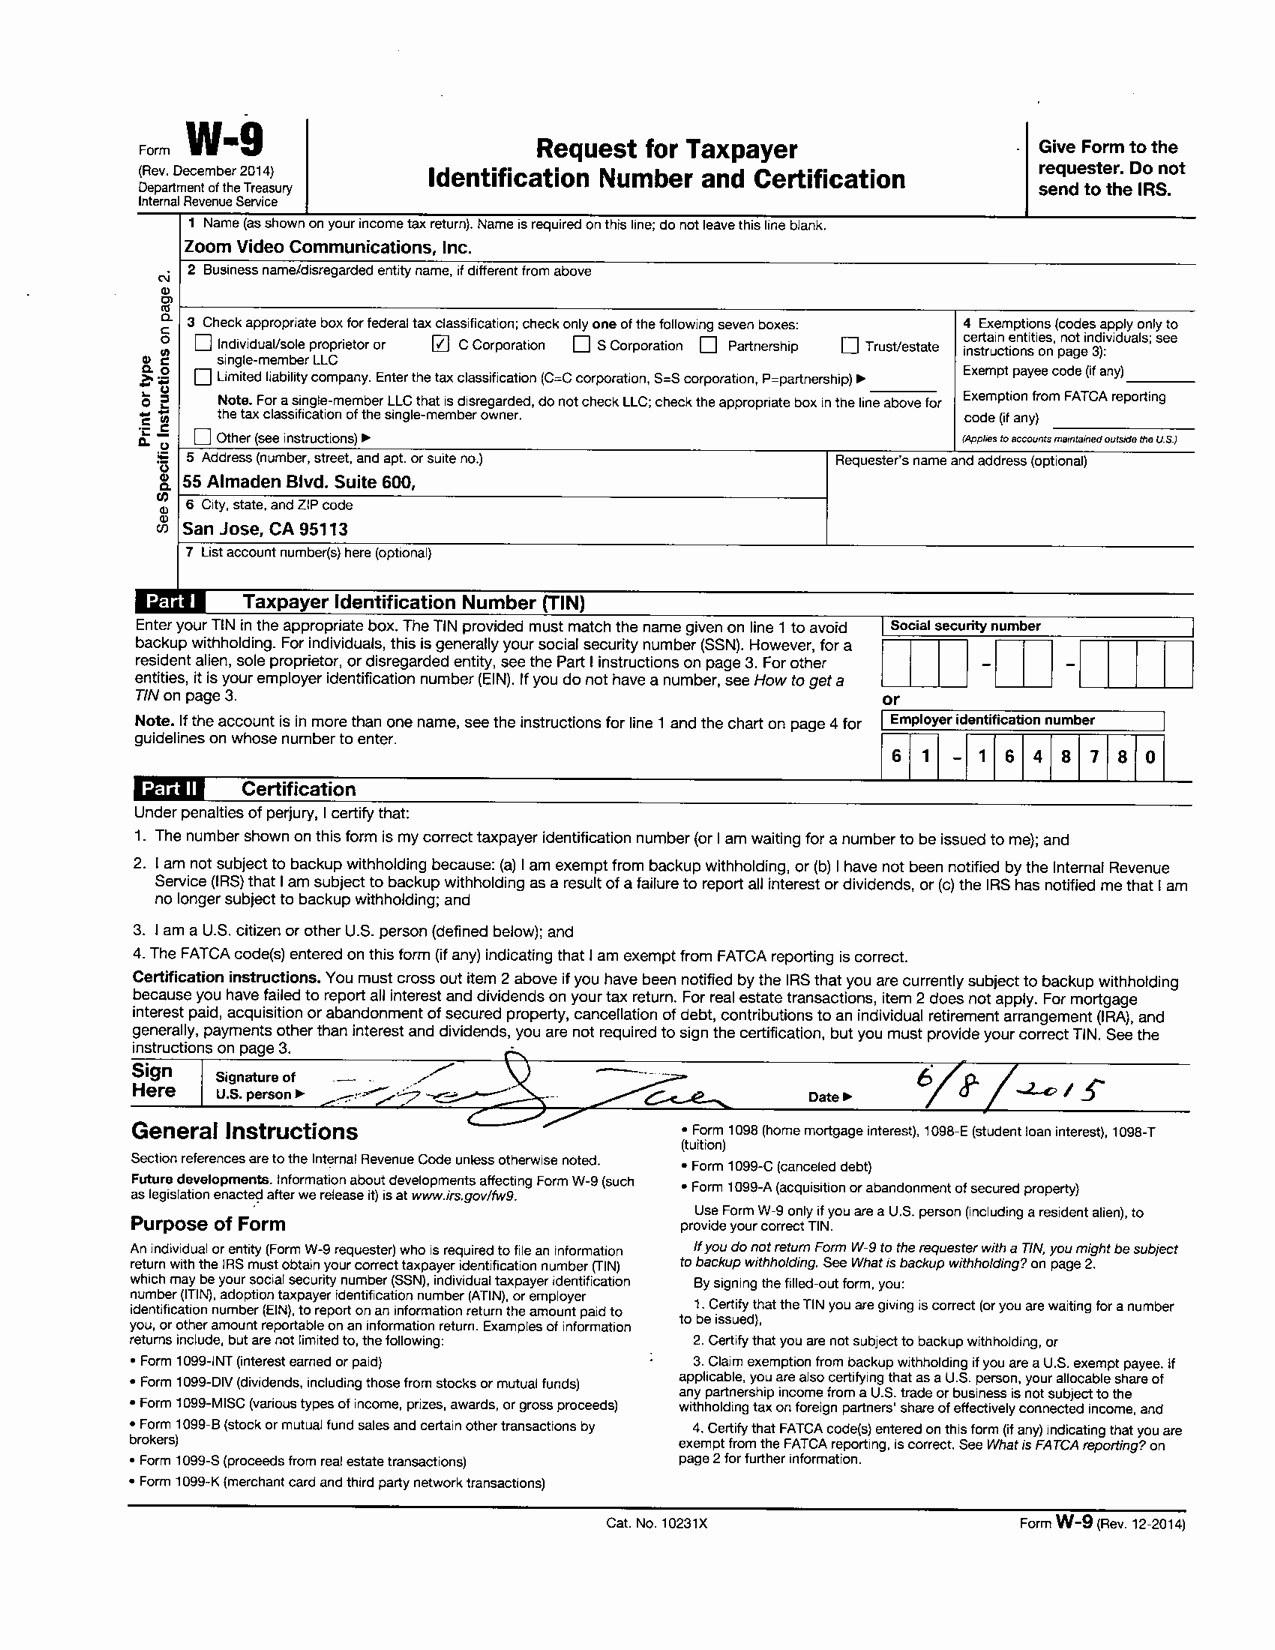 Printable 1096 Form 2015 – Jowo - Free Printable 1096 Form 2015